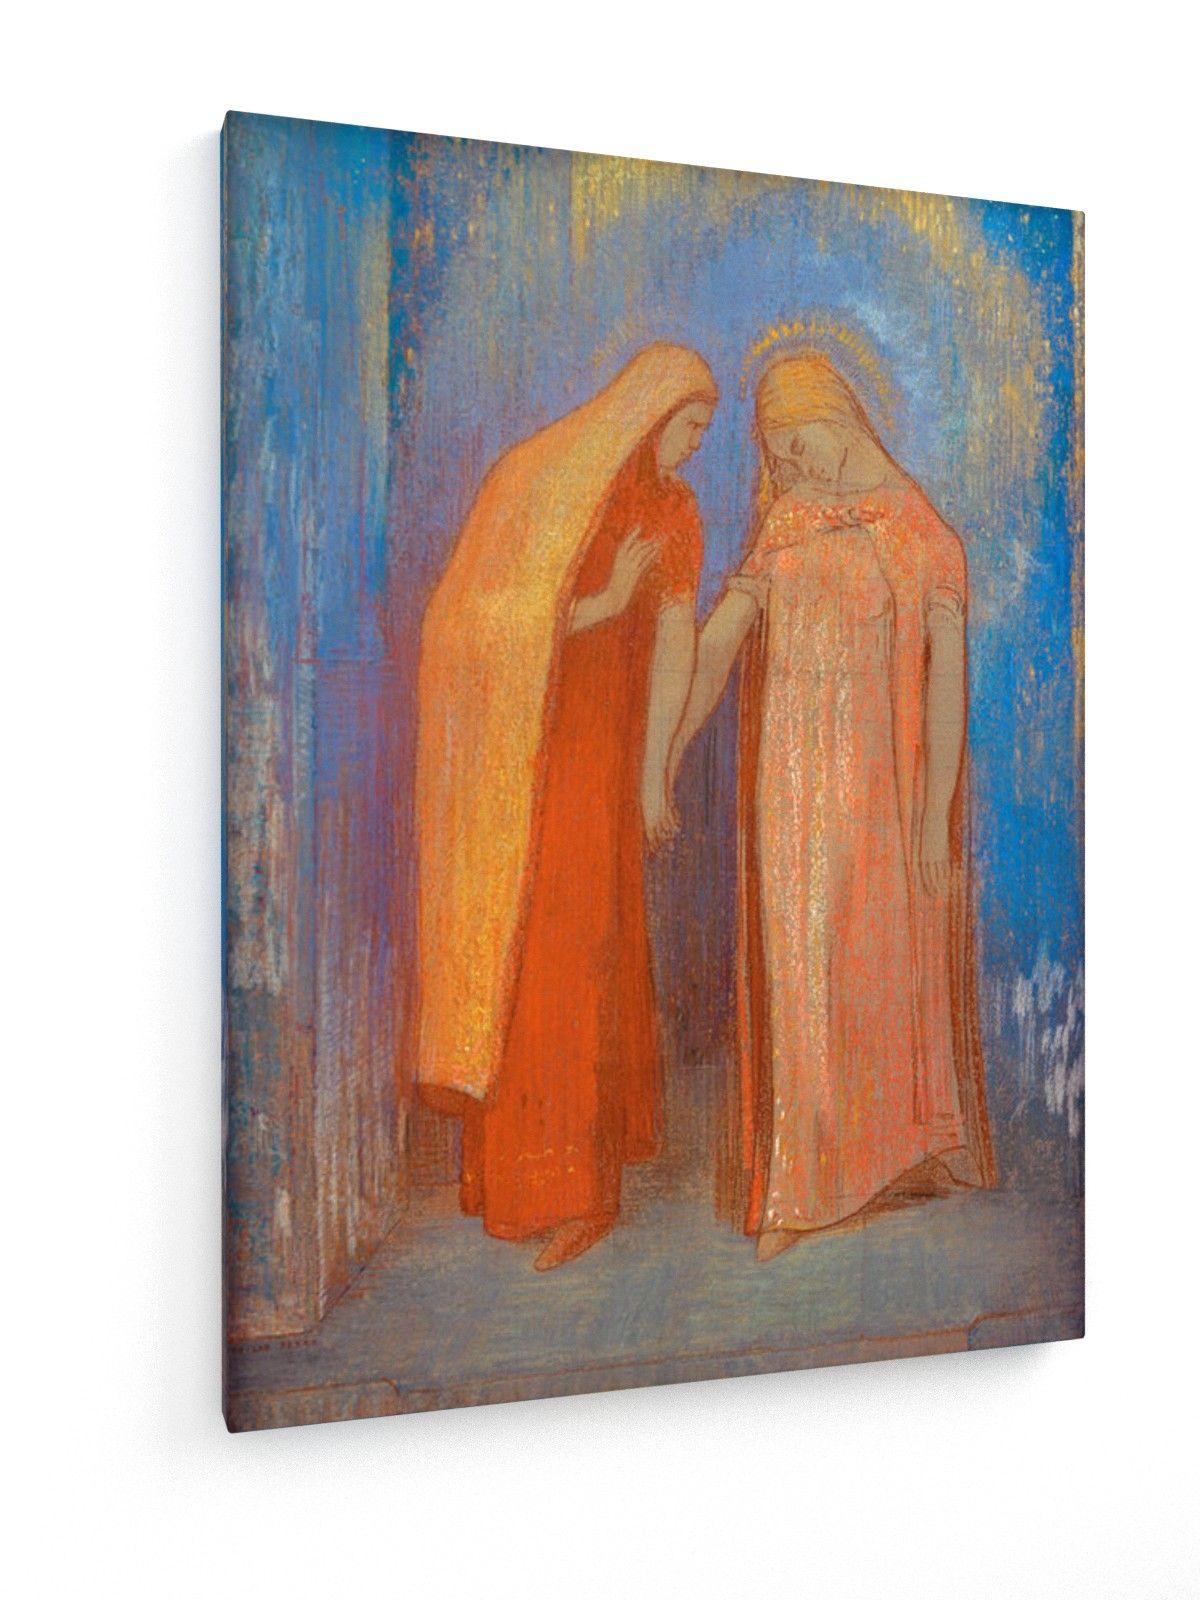 Odilen Redon - Mystisches Gespräch (Die Heimsuchung) #Odilon #Redon #weewado #odilon #redon #christianity #art #religion